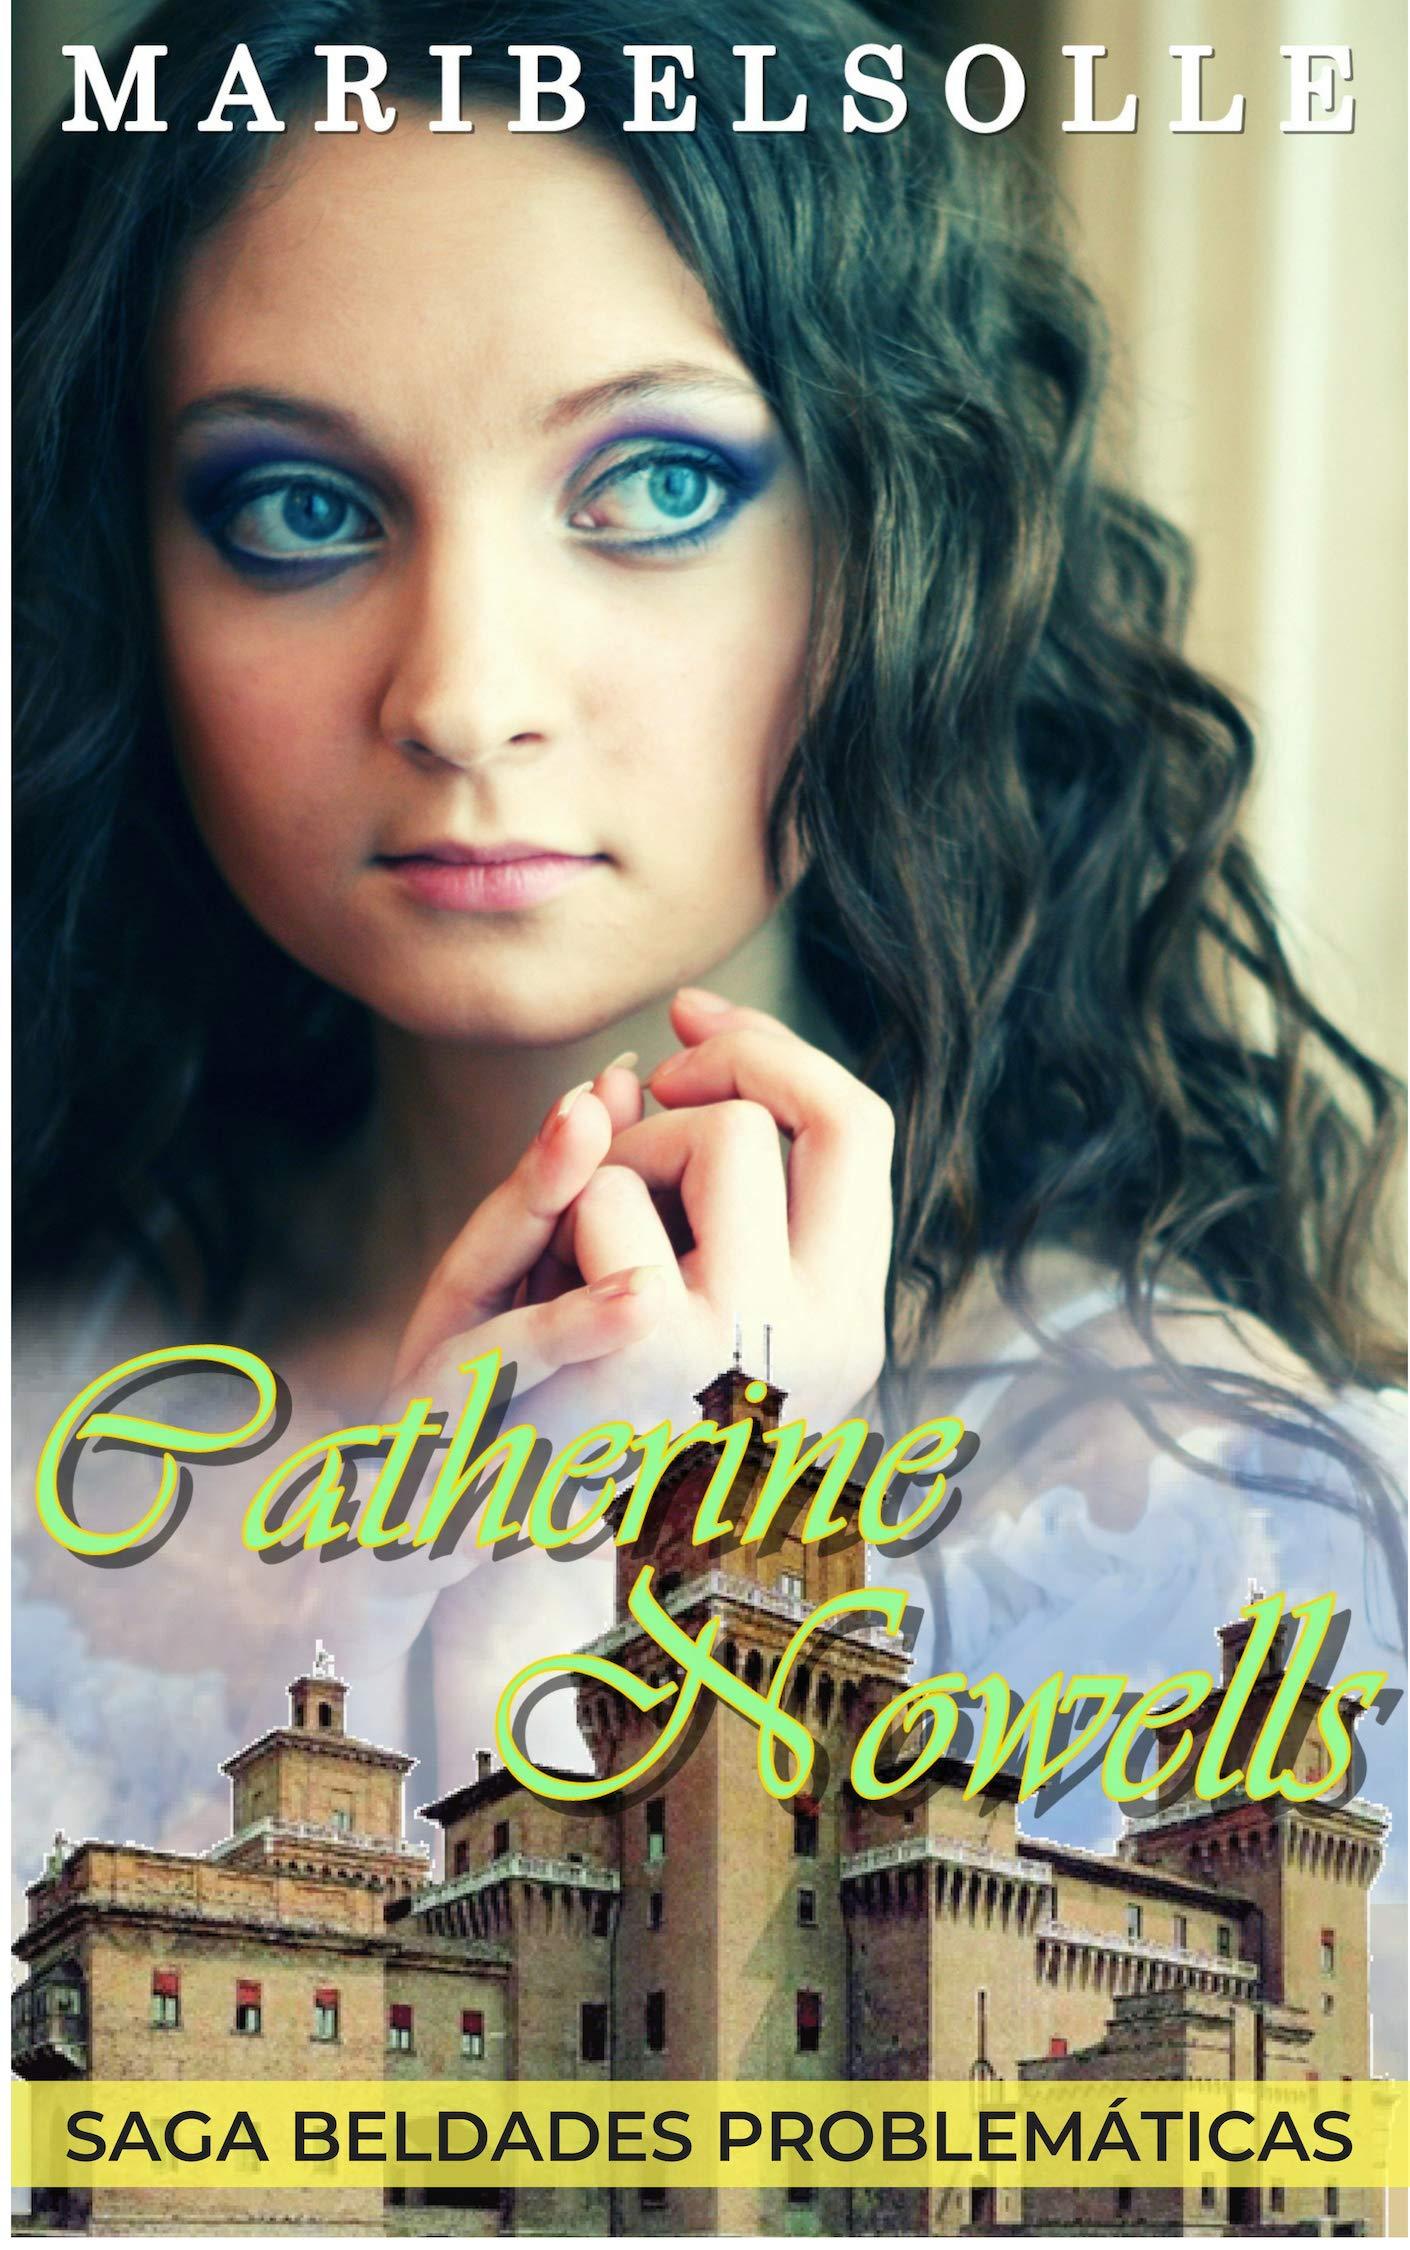 Catherine Nowells: Saga Beldades Problemáticas (lo más divertido de todo los libros en español y romance ) de época VICTORIANA por Maria Isabel Salsench Olle